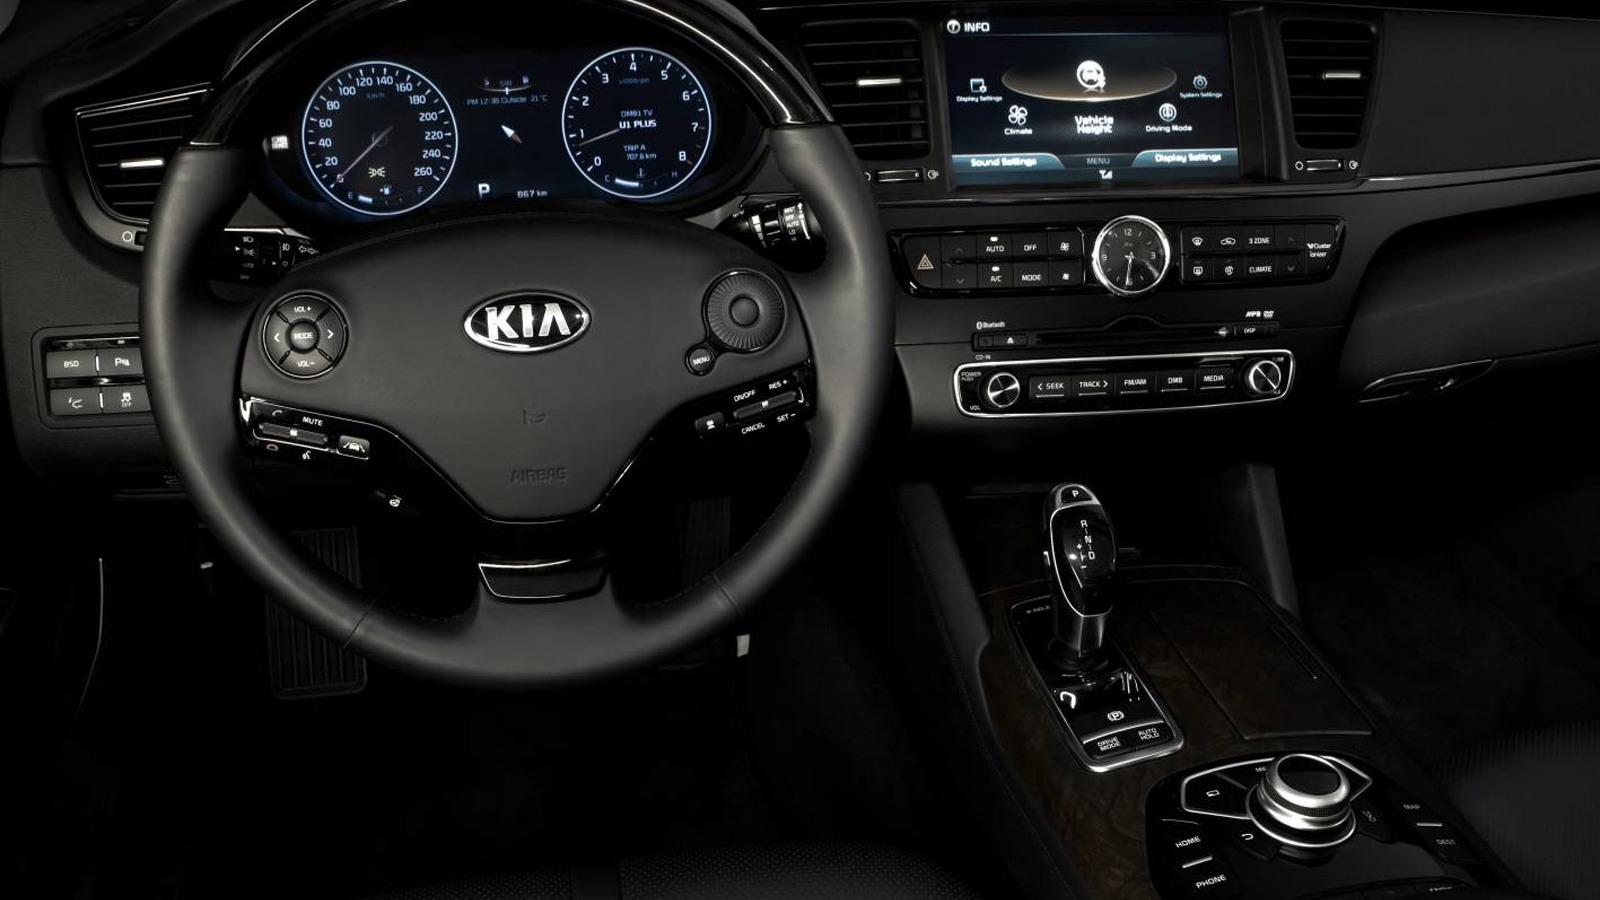 2013 Kia Quoris (K9)